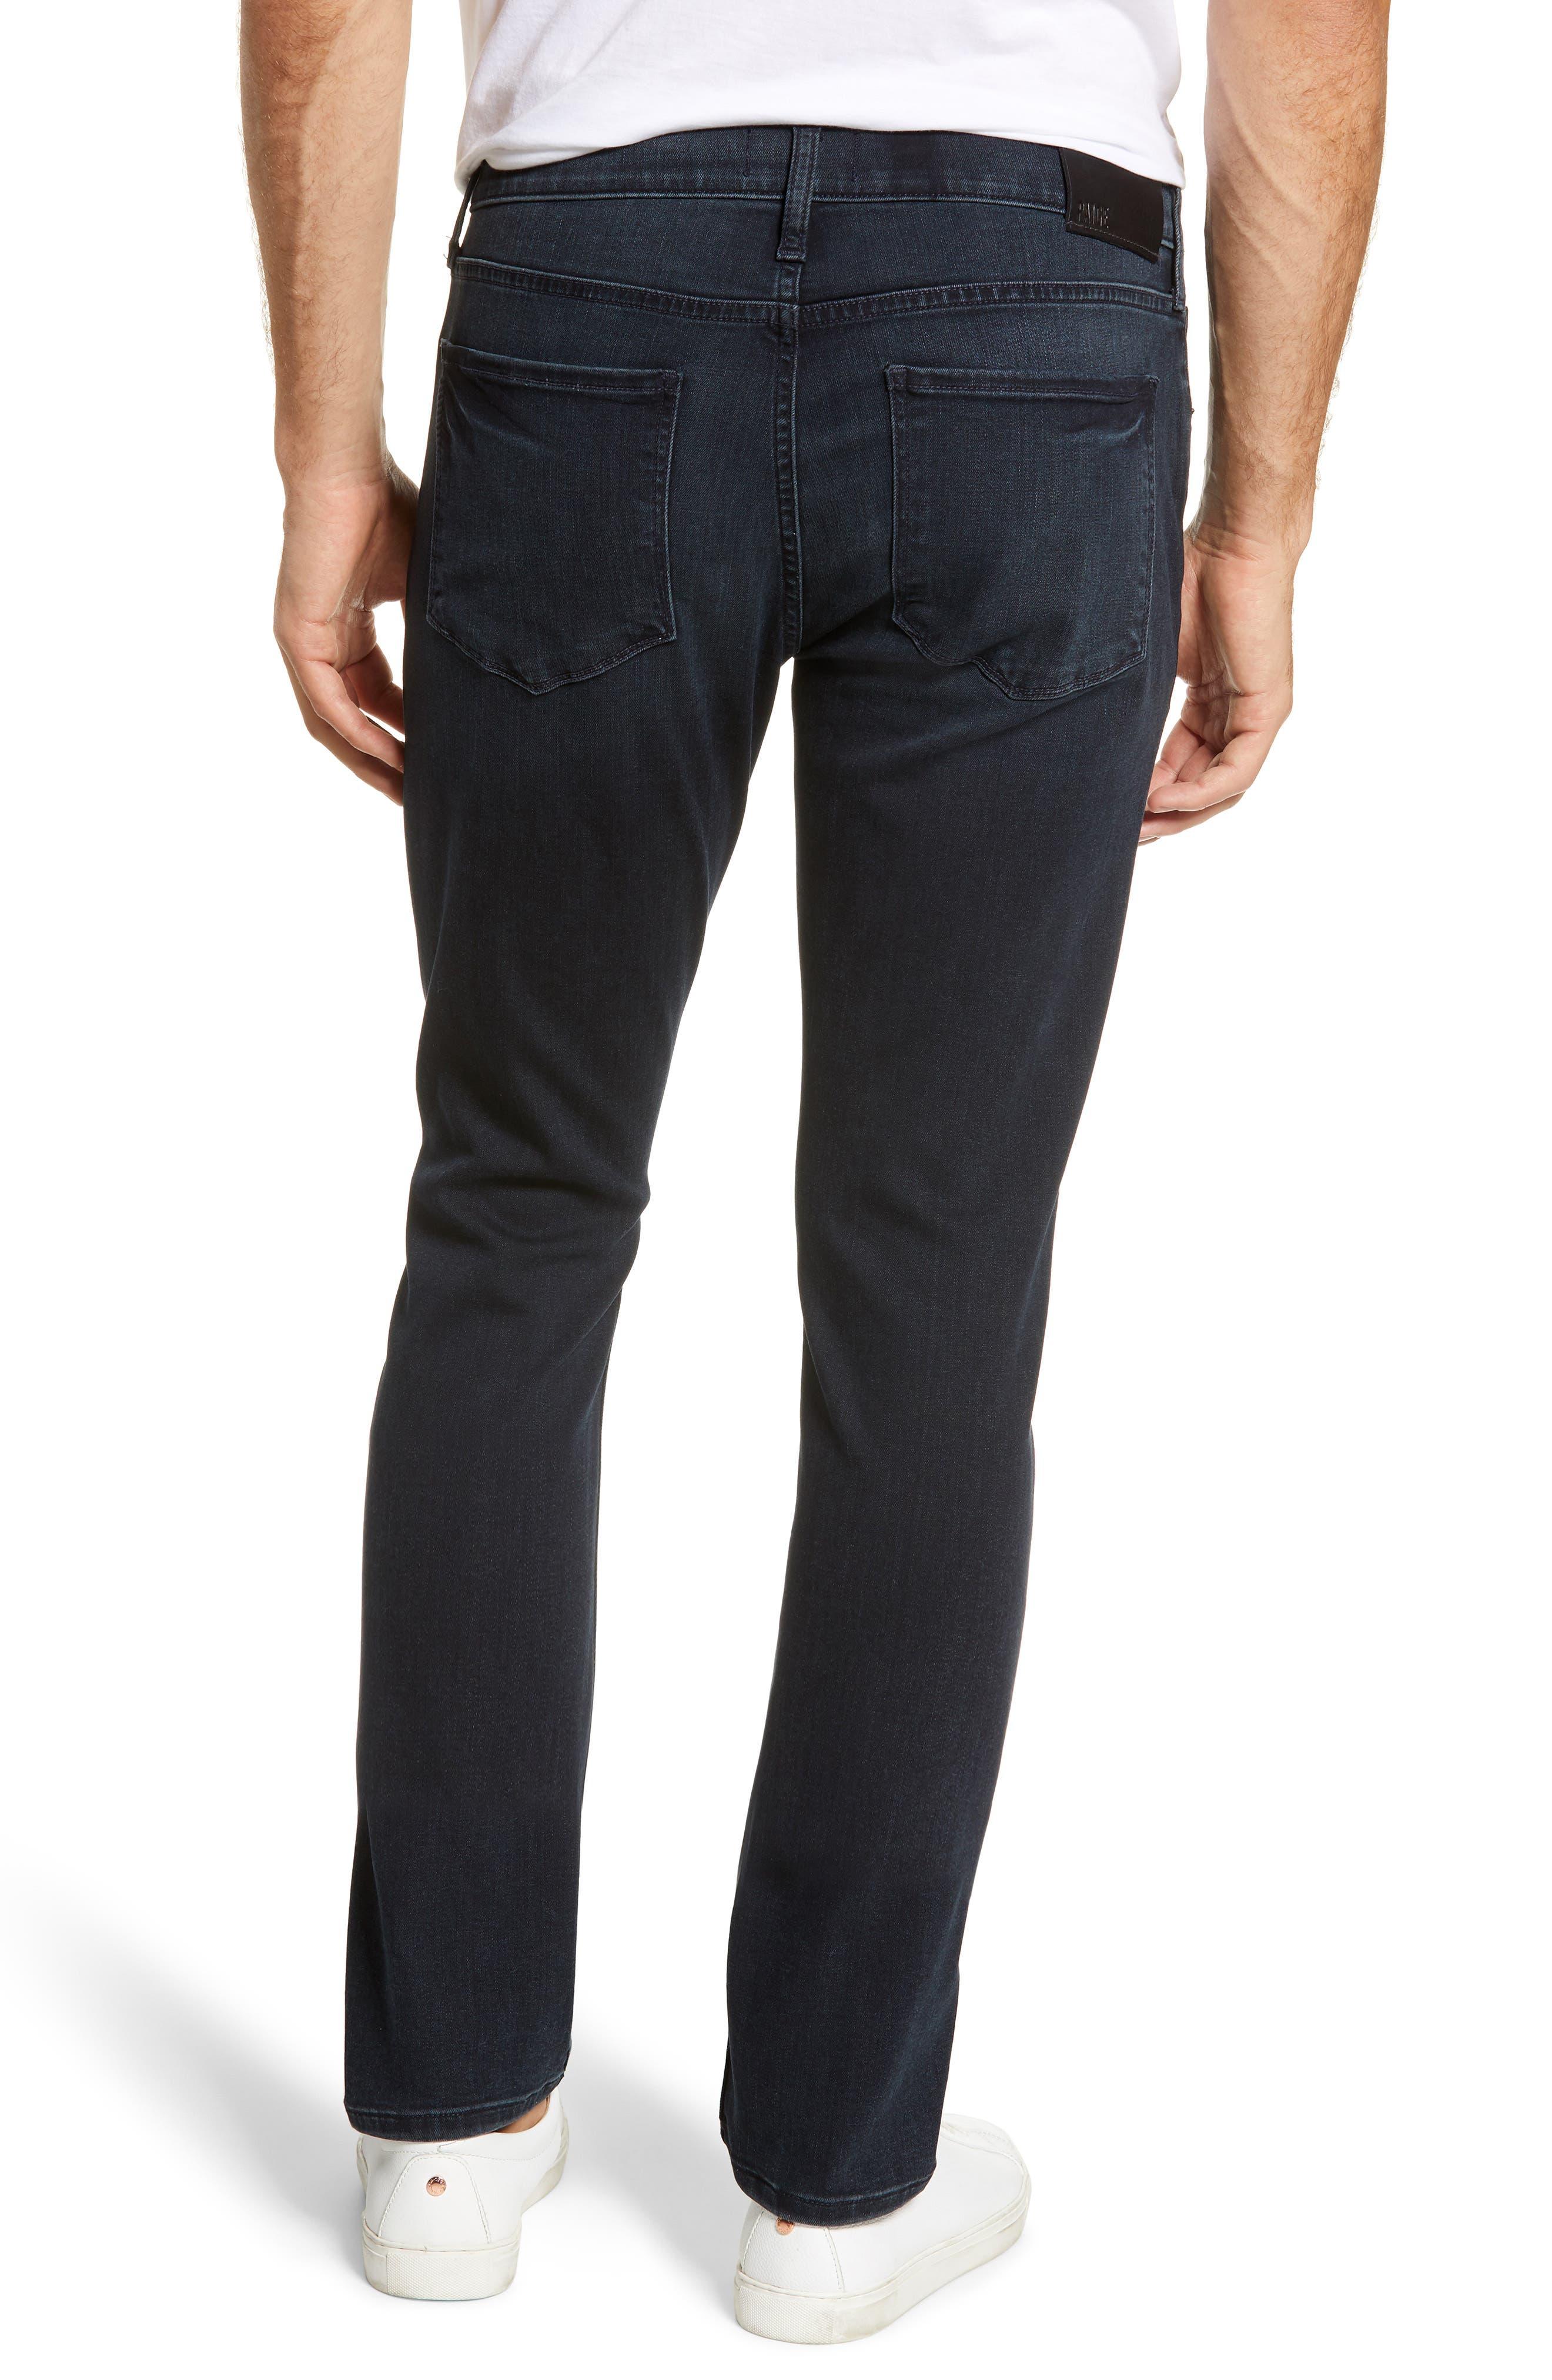 PAIGE, Transcend - Lennox Slim Fit Jeans, Alternate thumbnail 2, color, HOLLAND